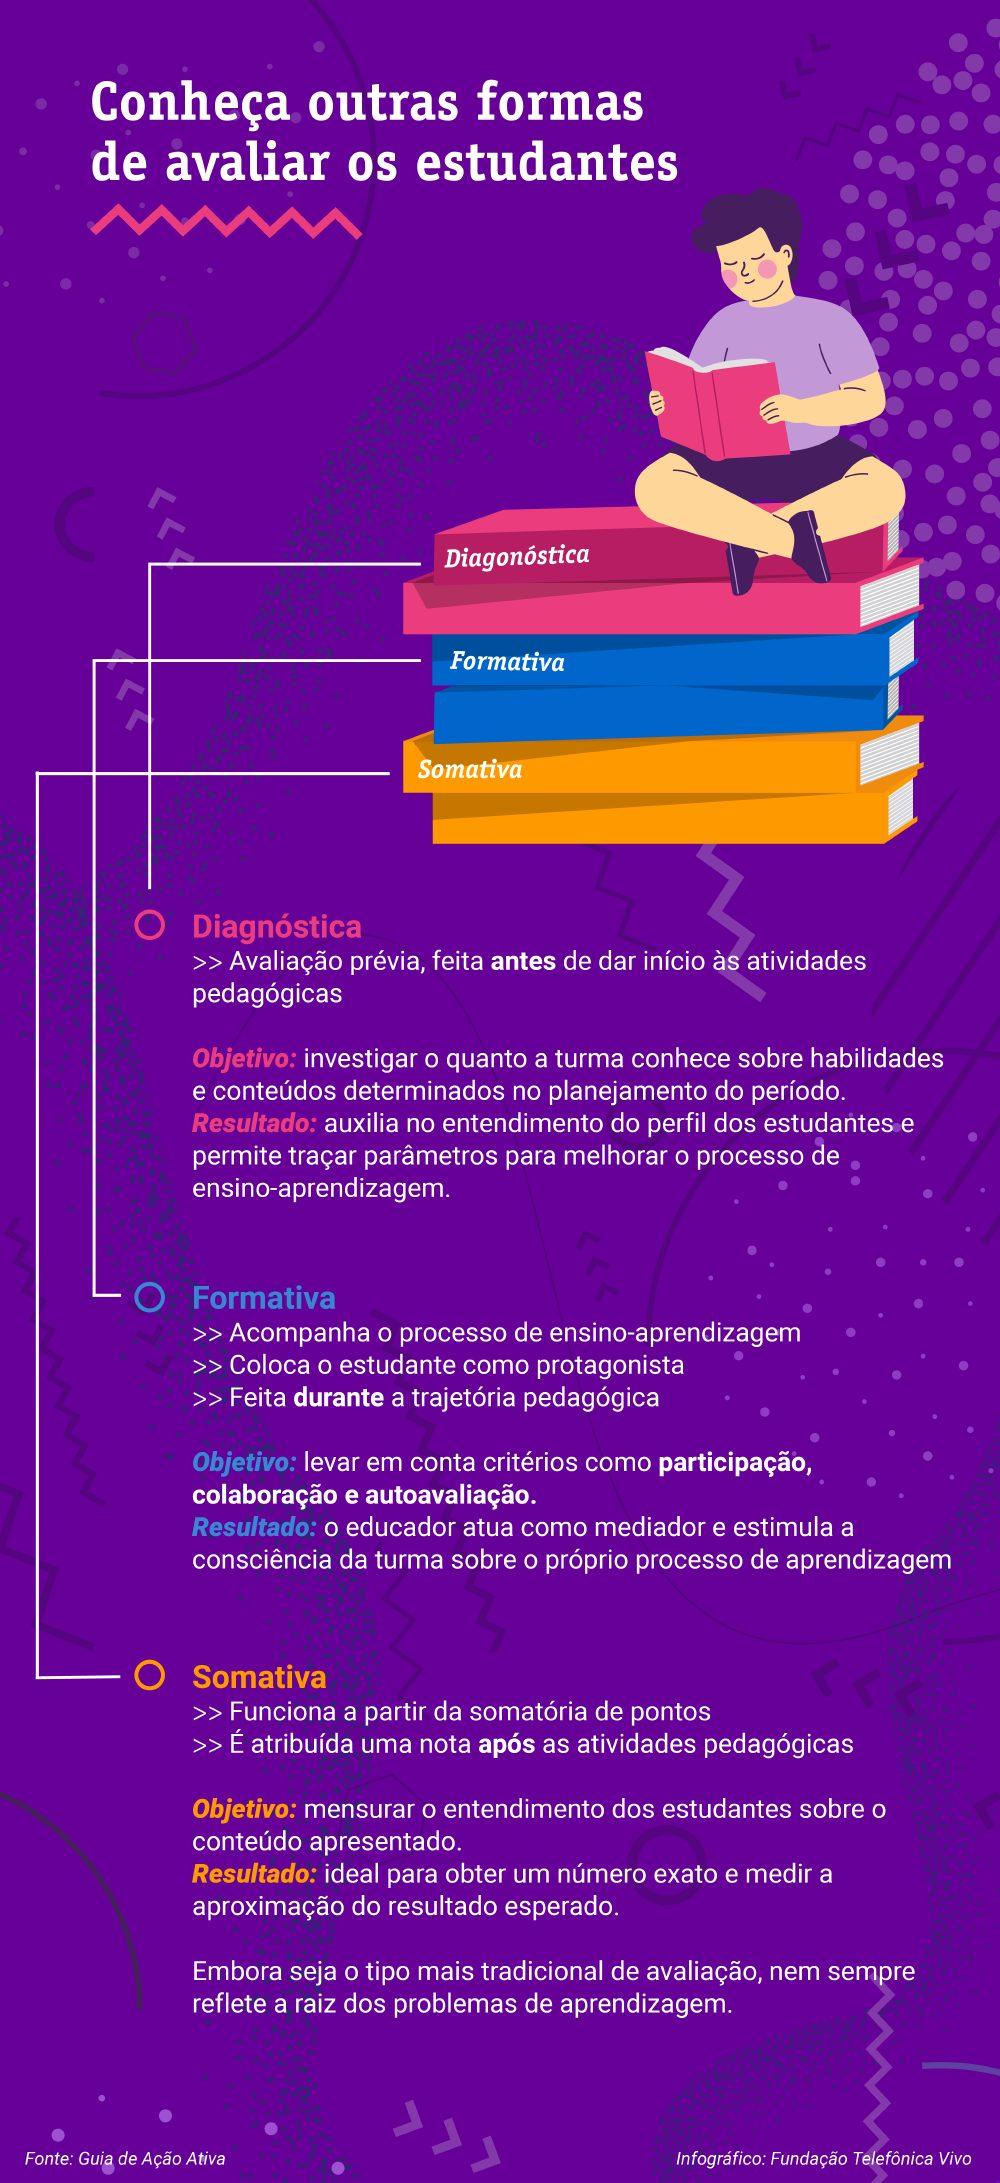 Imagem com um infográfico sobre as formas de avaliar o estudante: diagnóstica, formativa e somativa.